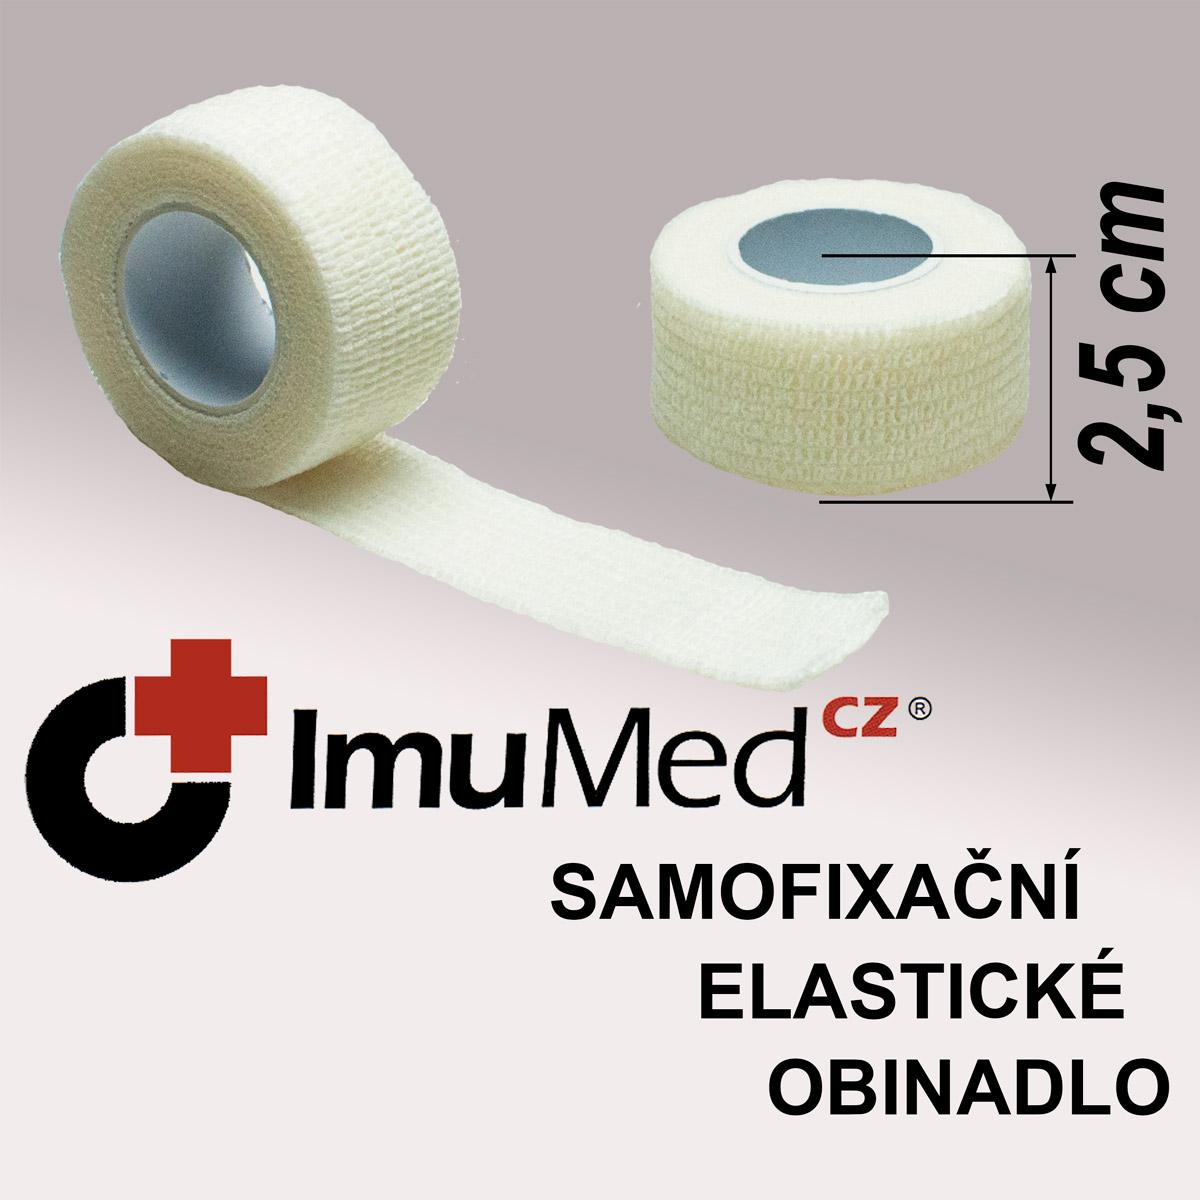 ImuMedCZ samofixační elastické obinadlo 2,5 cm x 4,5 m BÍLÁ barva ImuMedCZ samodržící elastické obinadlo 2,5 cm x 4,5 m BÍLÁ barva